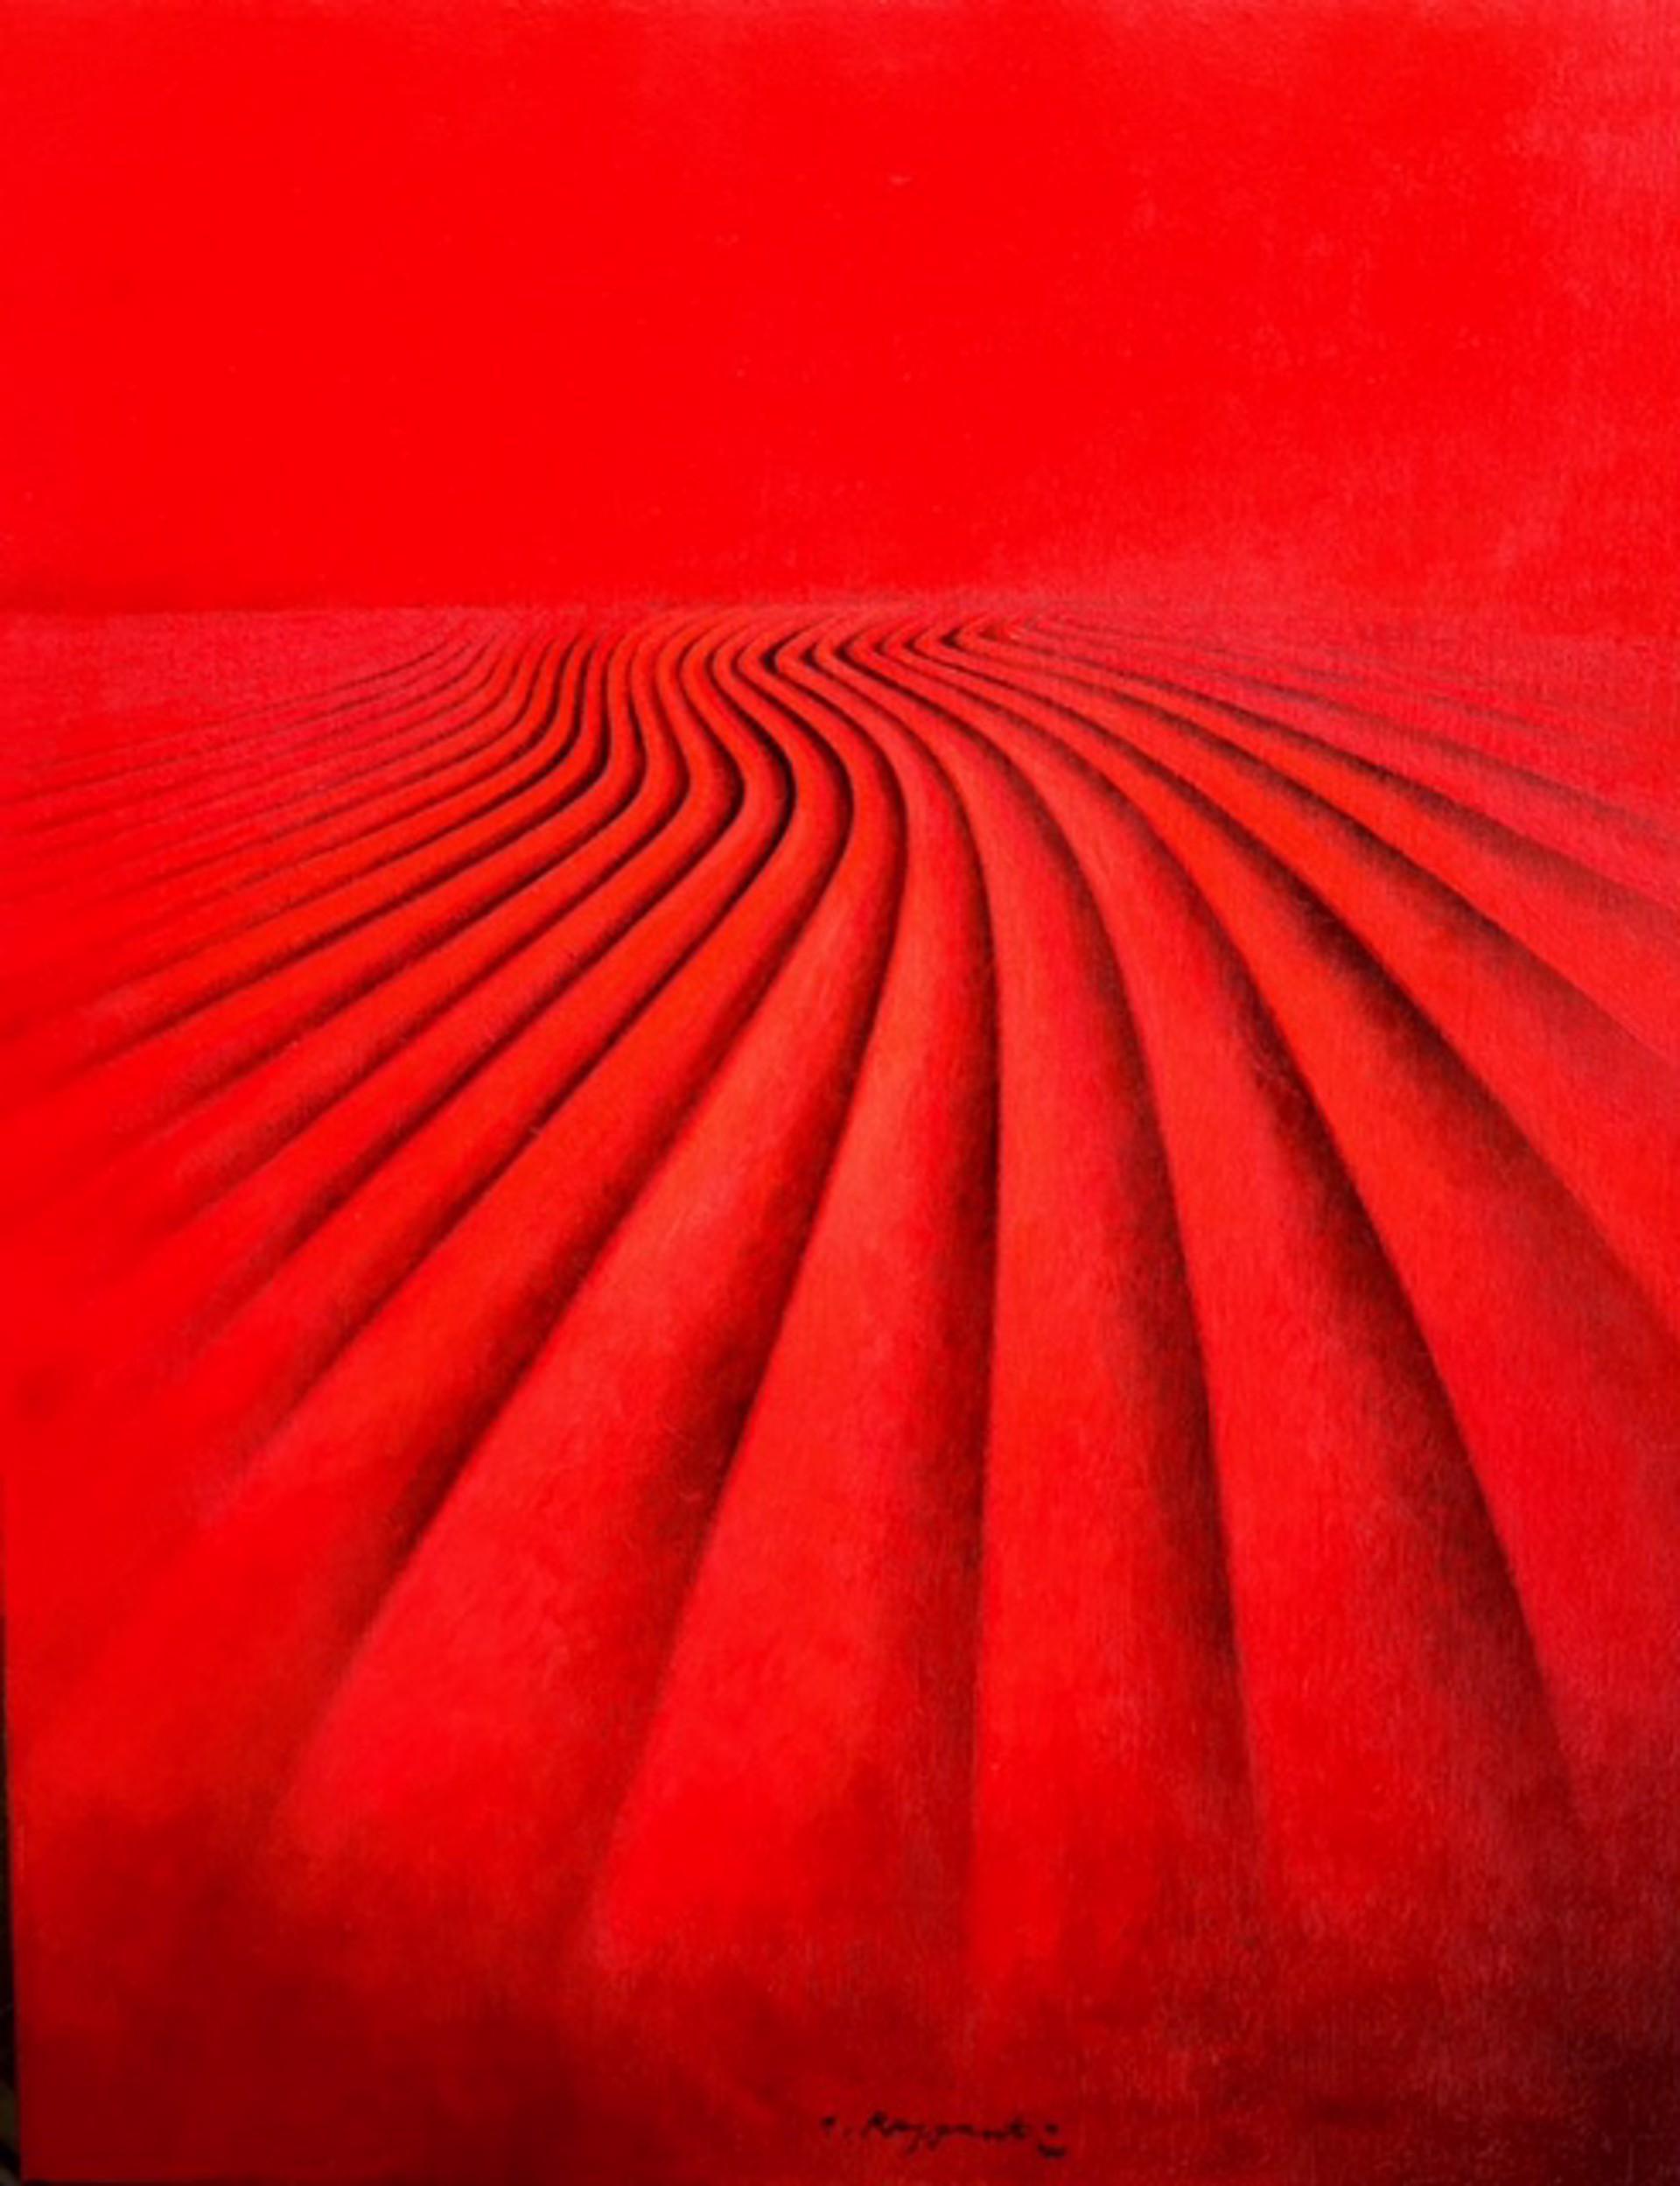 Lavanda Rossa by Andrea Razzauti